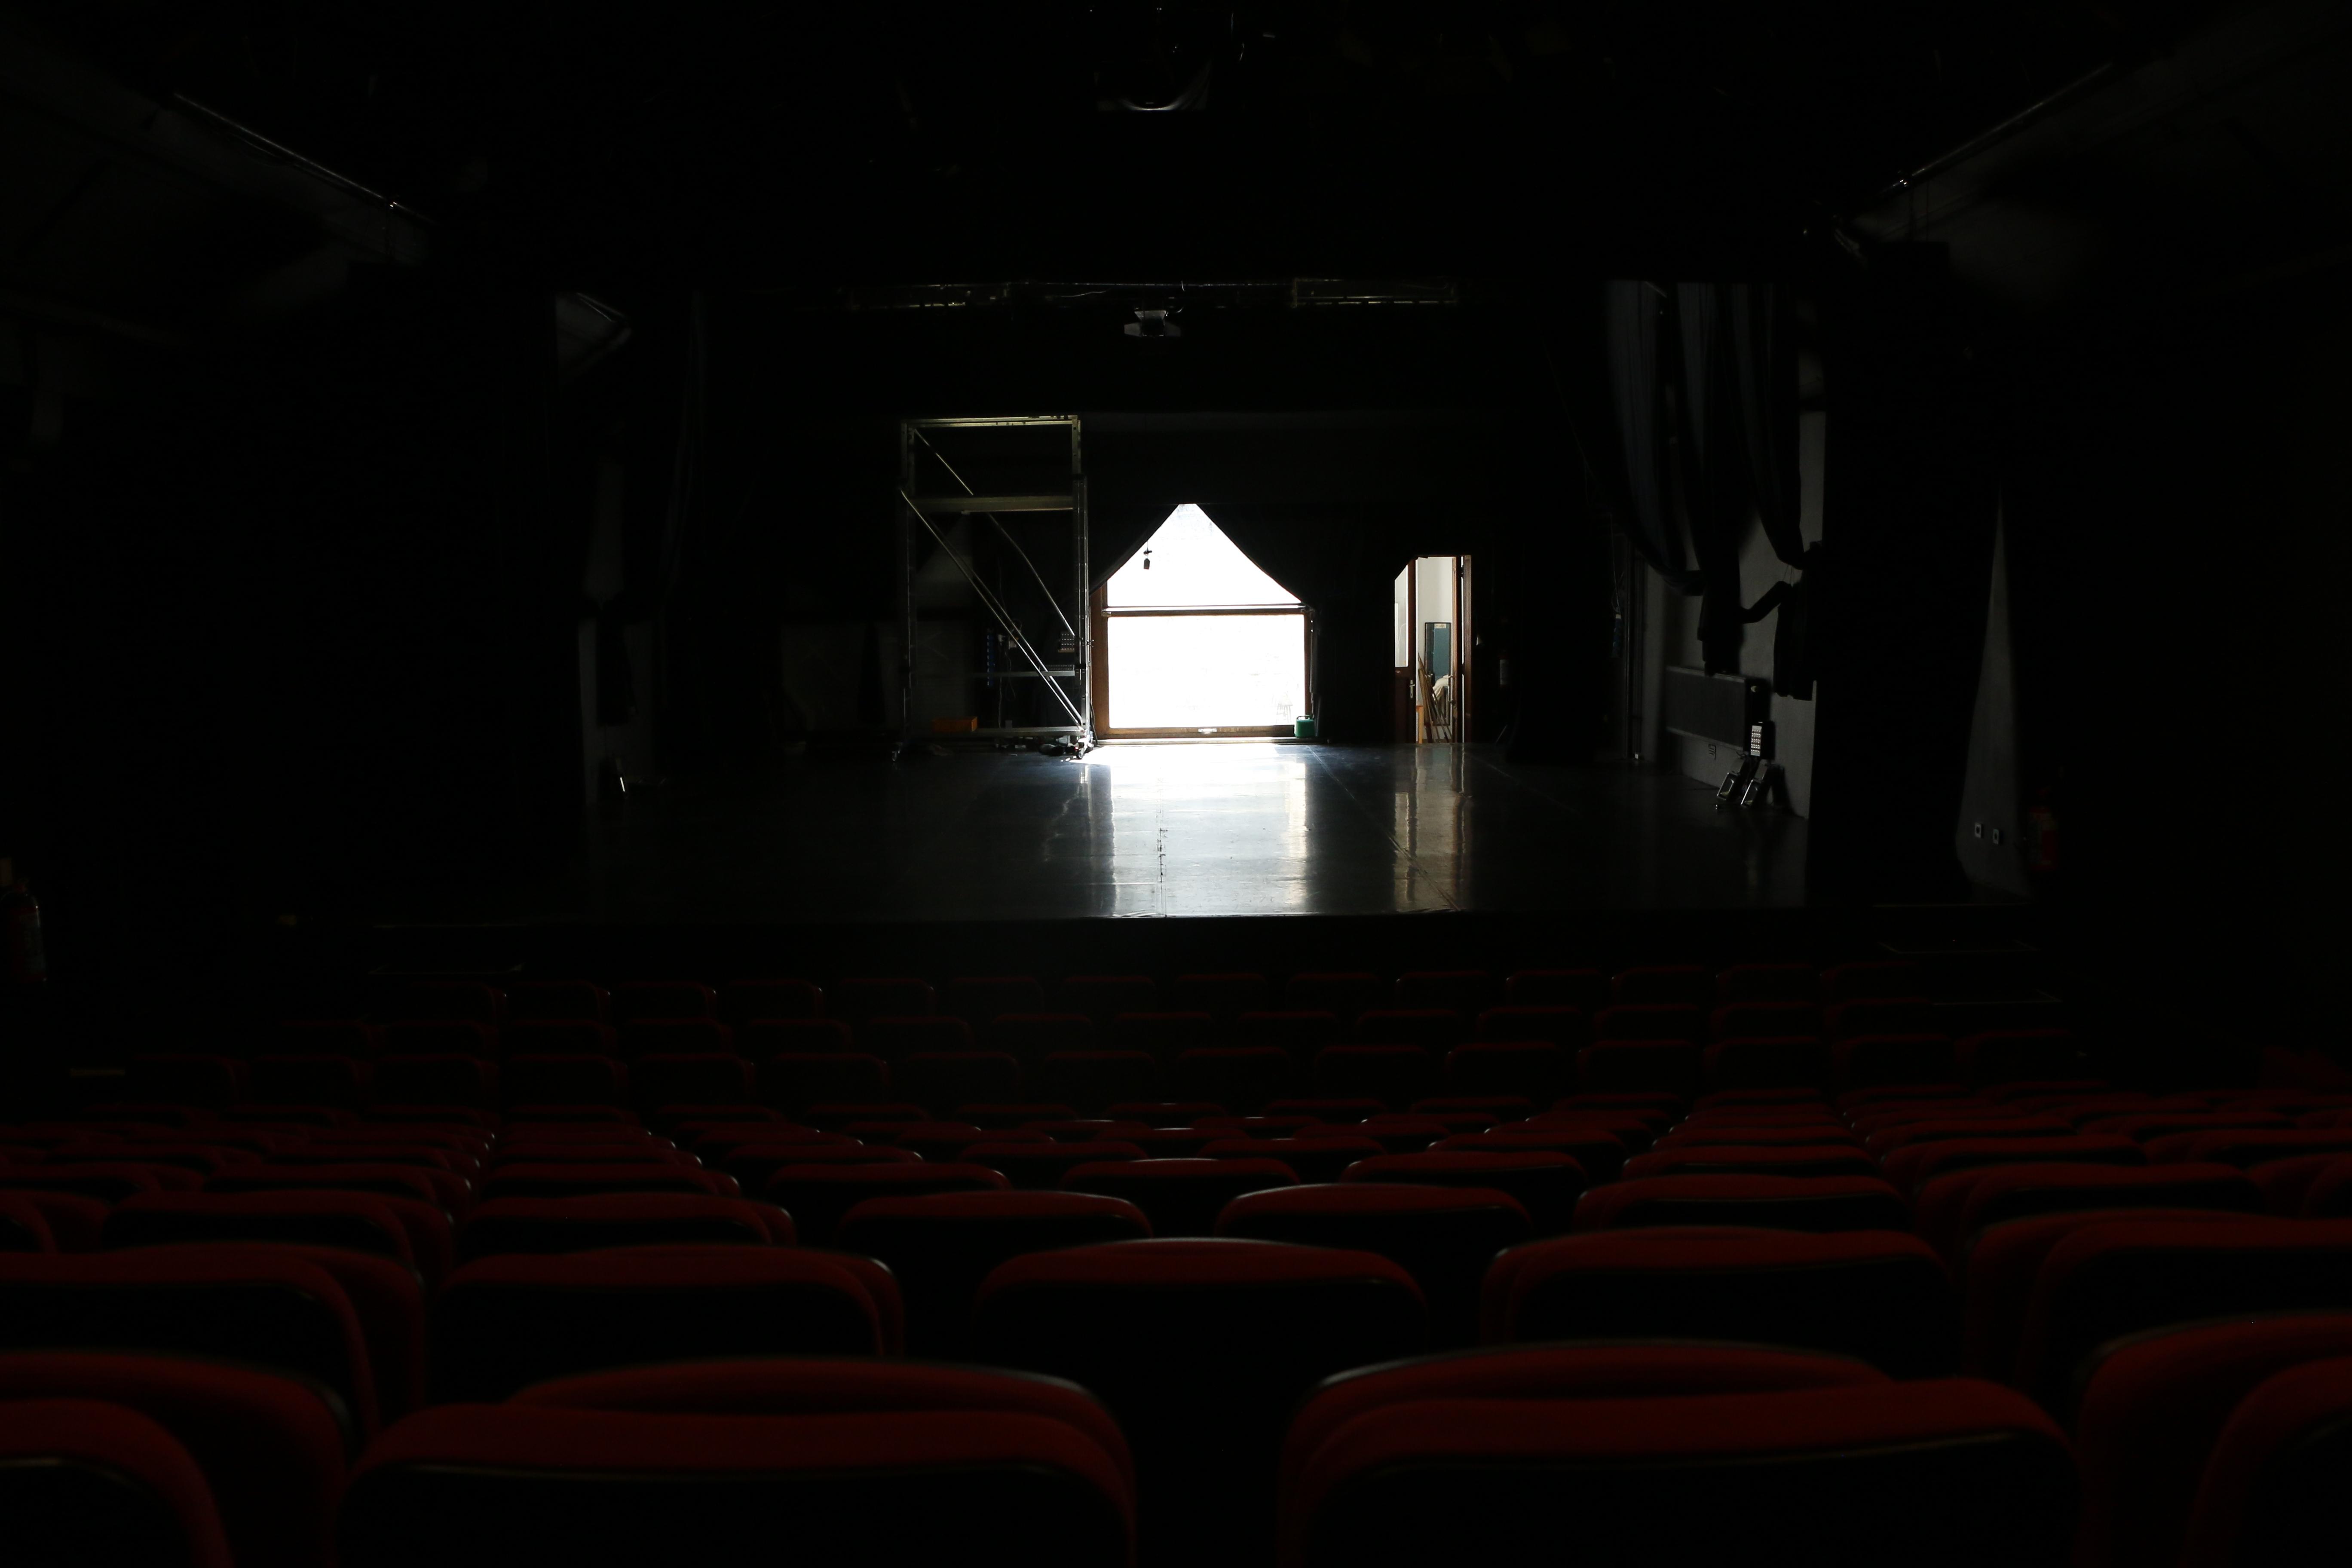 Salle de théâtre vide avec une fenêtre derrière la scène qui rappelle la forme d'une maison.